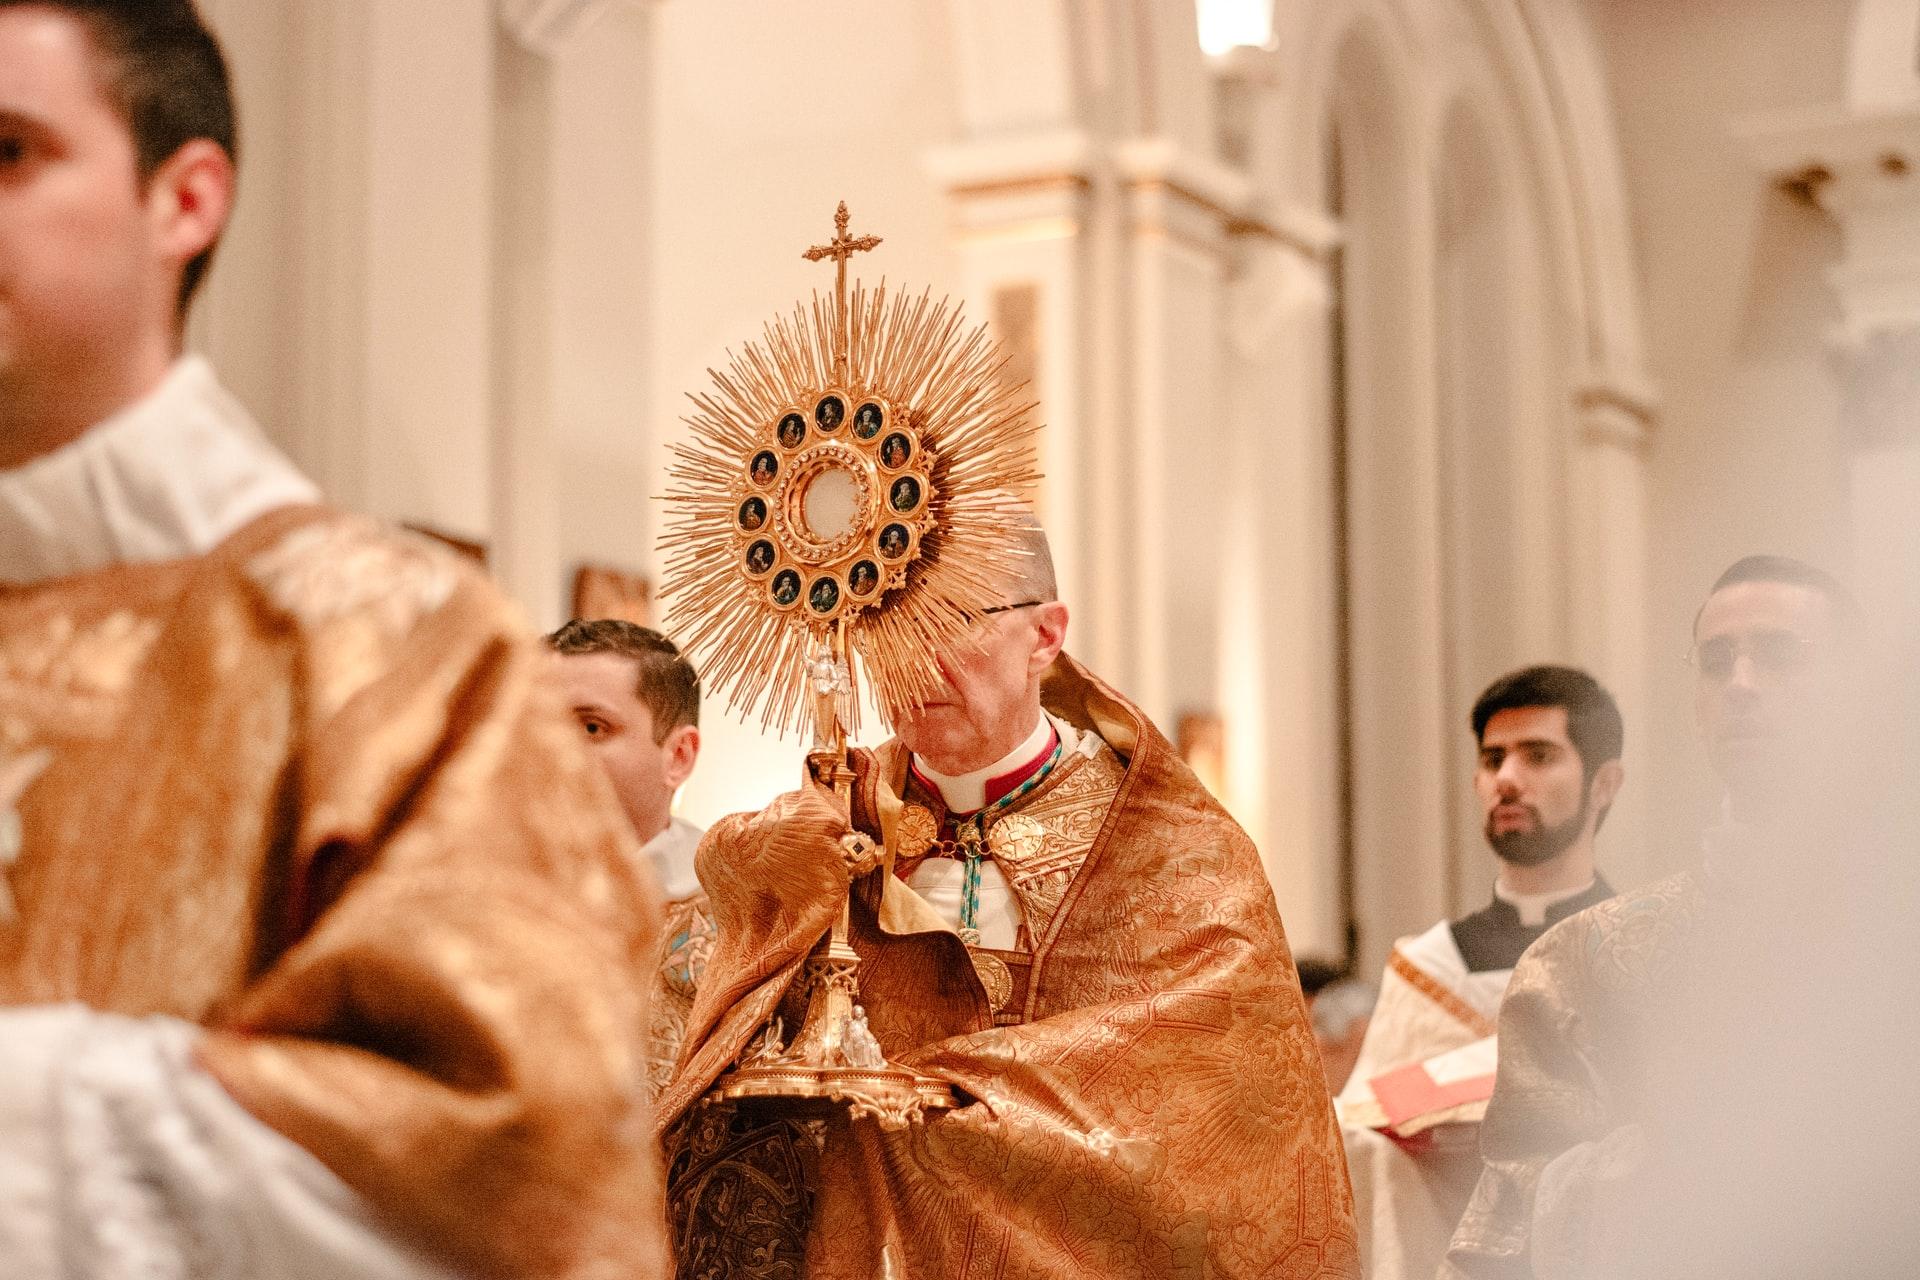 [Zadatak dana] Katolici danas slave Tijelovo, znate li zašto se krenulo s obilježavanjem ovoga blagdana?